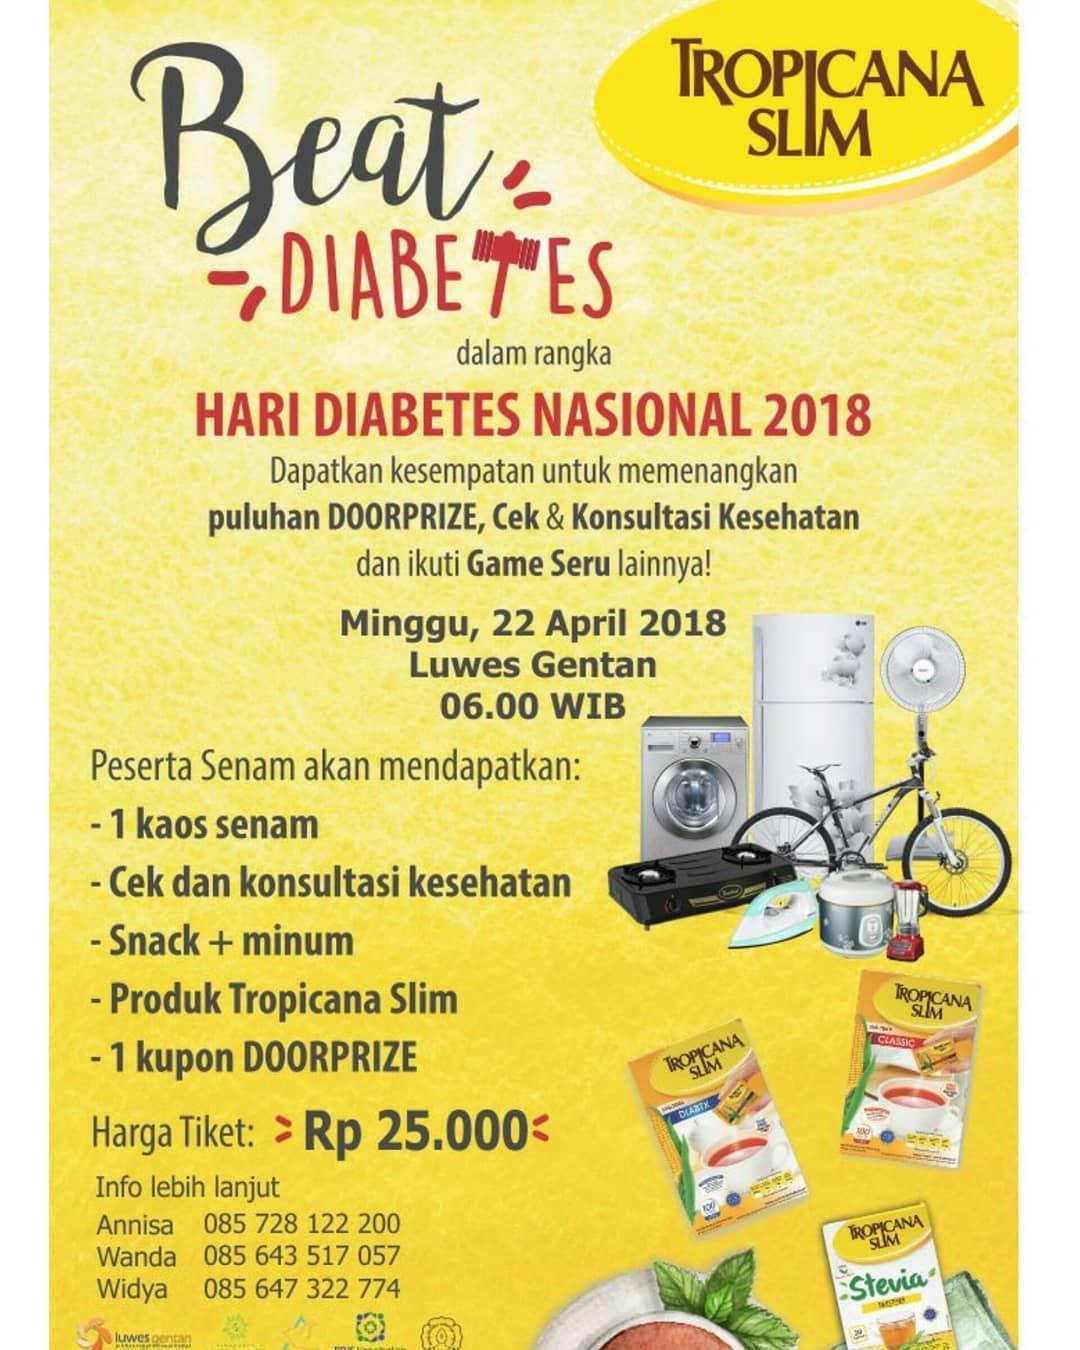 Jateng Live Event Solo Senam Beat Diabetes Tropicana Slim Stevia